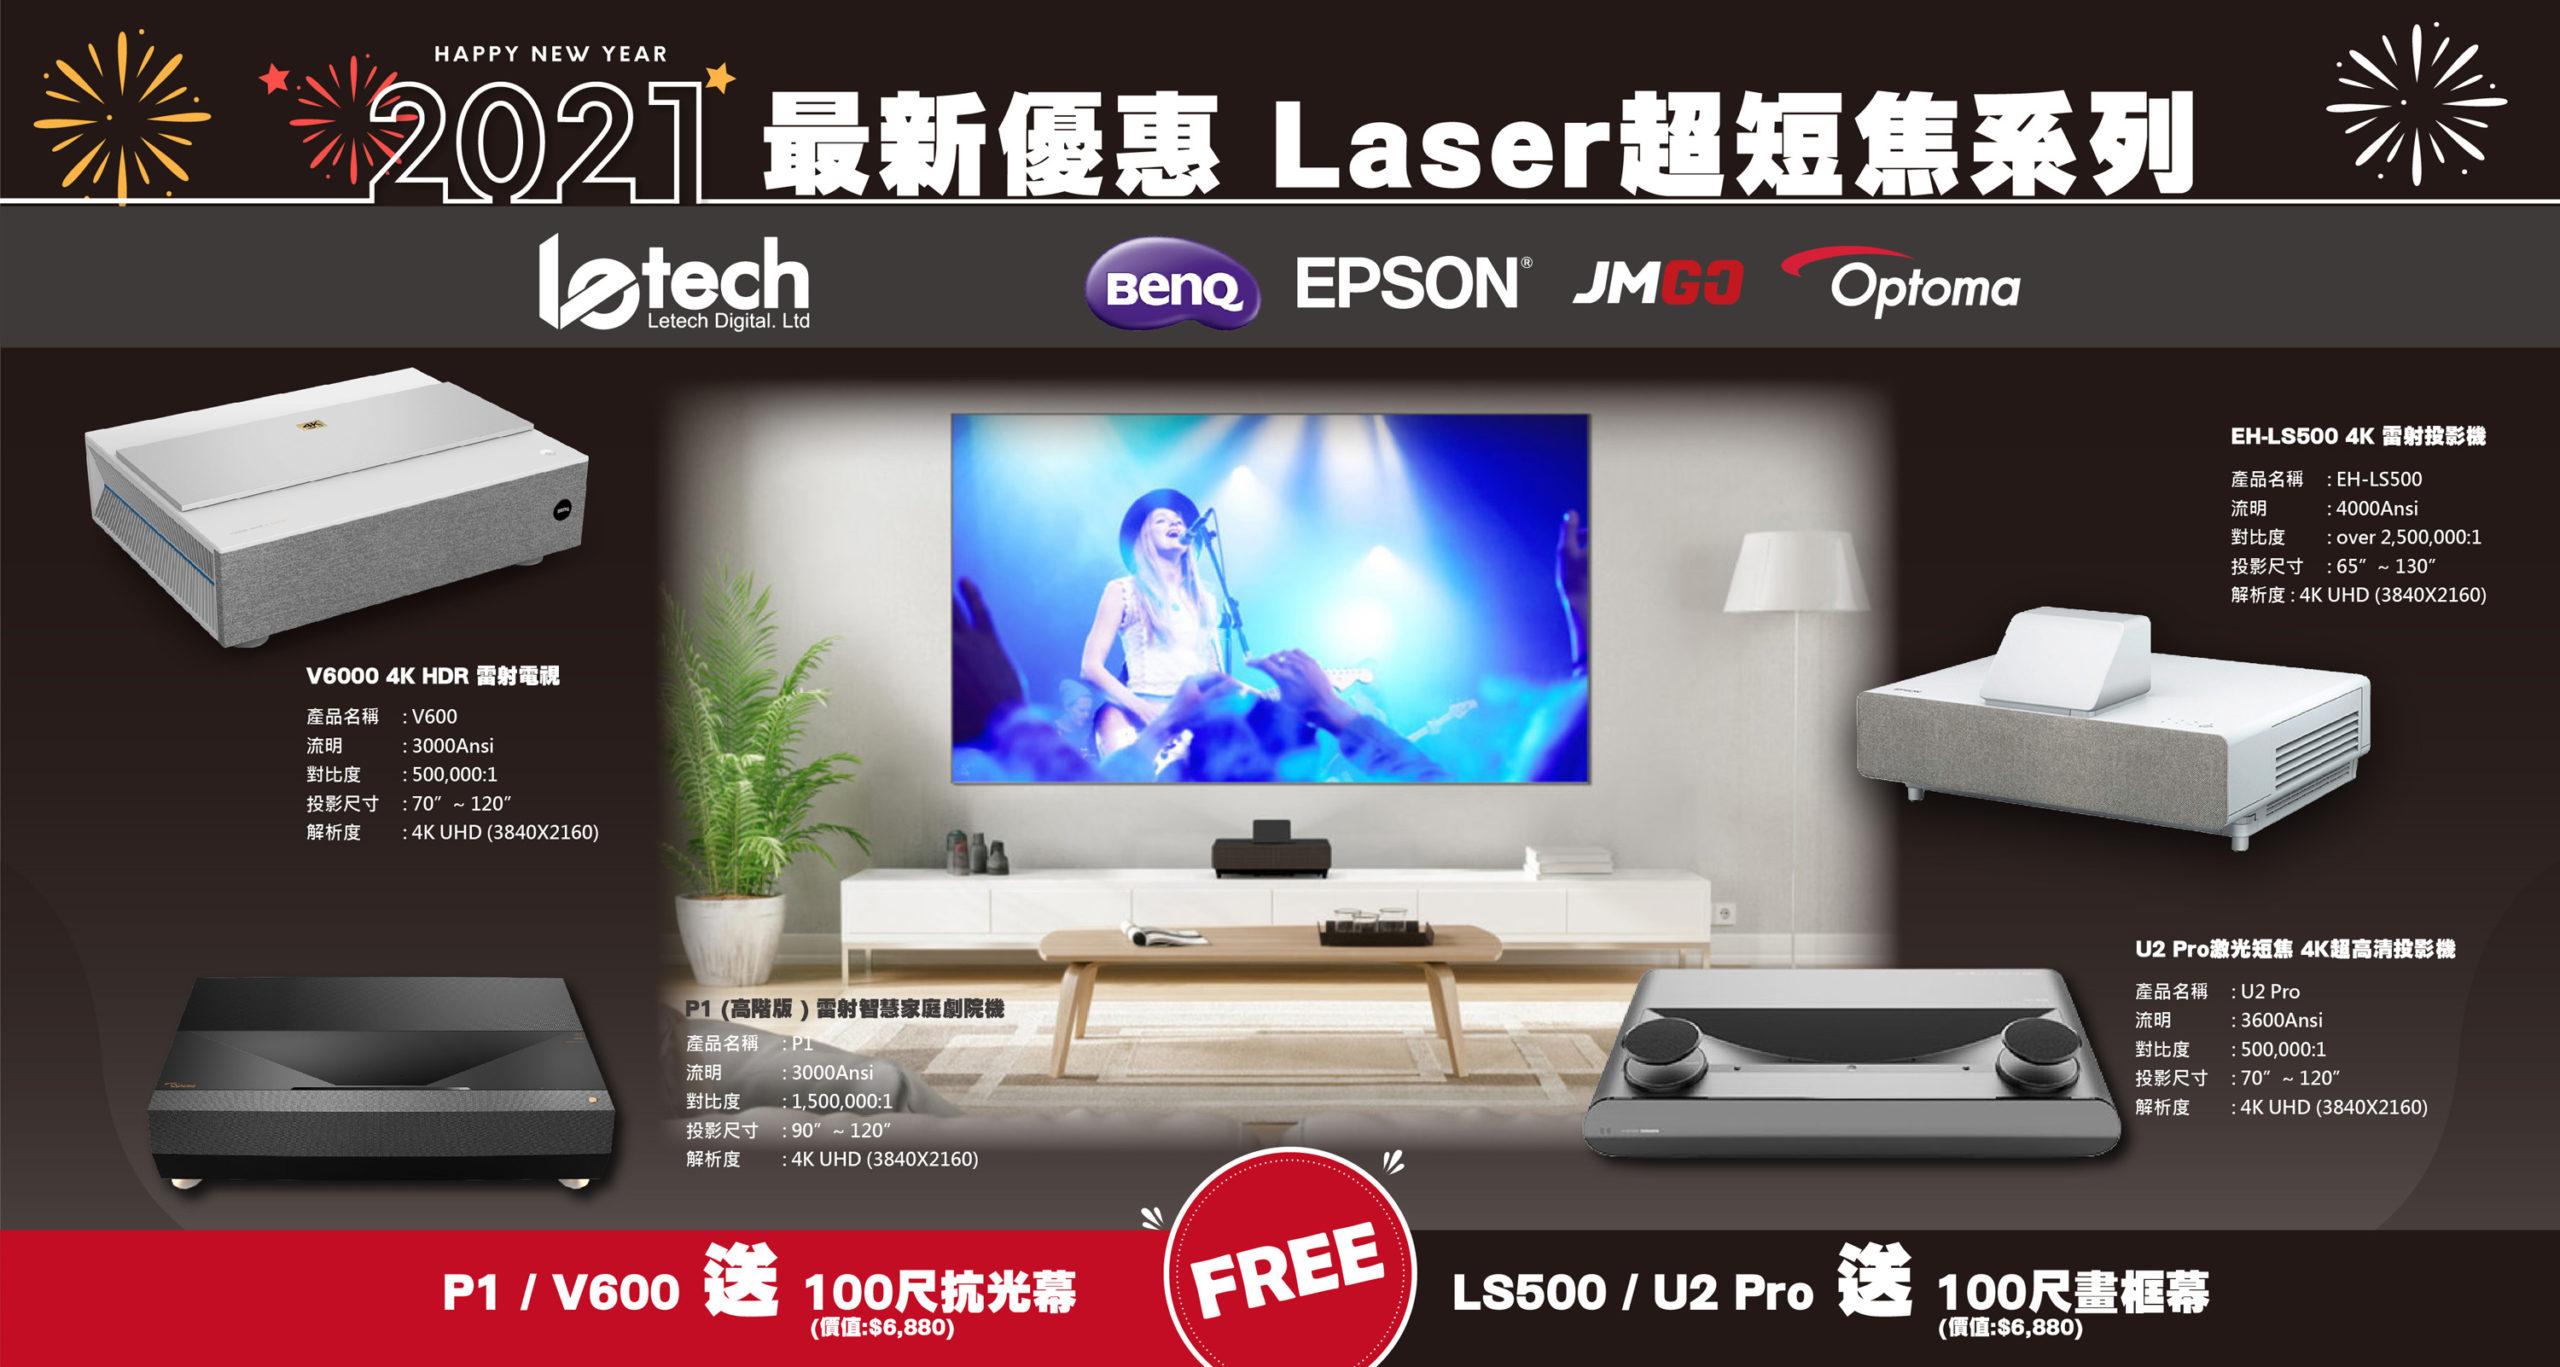 2021年最新Laser超短焦系列-Banner